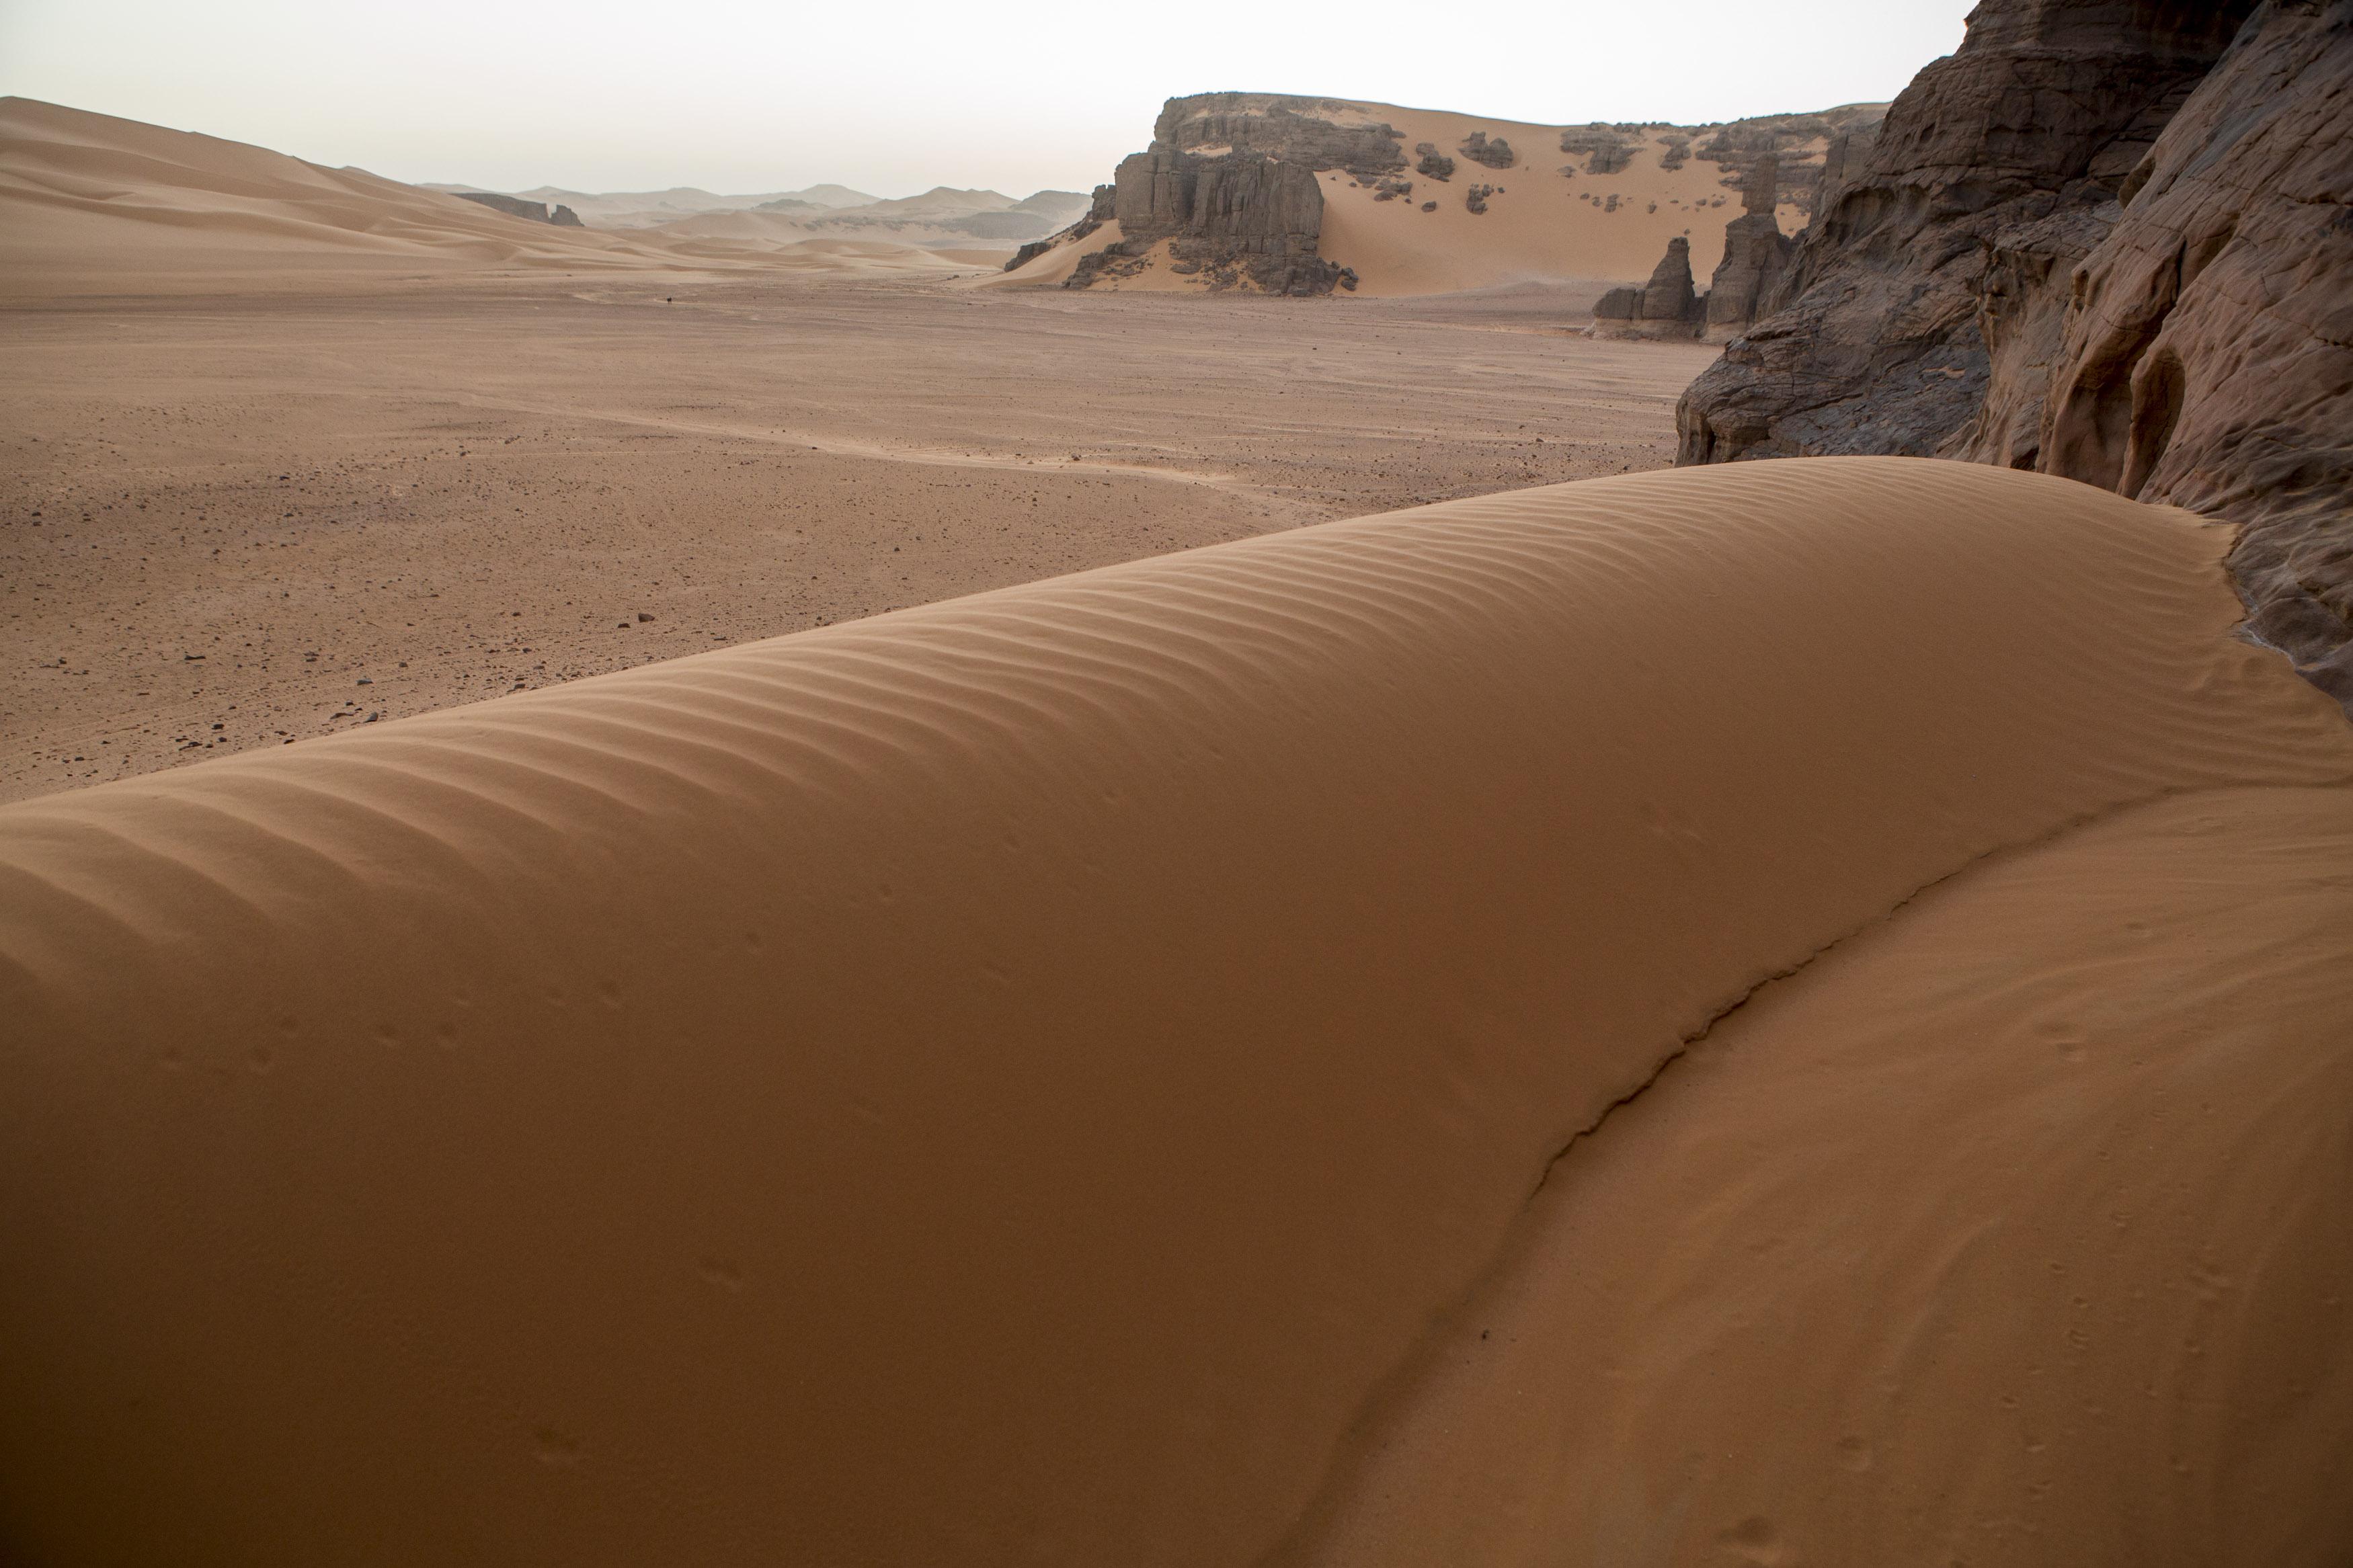 Landscape of the Tadrart.The Tadrart (200 km southeast of Djanet) is located in the south of the Tassili N'Ajjer National Park and is part of one of the most beautiful desert in the world but above all the central Sahara.From huge canyons to cliffs carved with rocky peaks of various shapes mix with dunes of colored sand with yellow and red reflections. The Tadrart, Algeria-February 7, 2017. Paysage de la Tadrart. La Tadrart (200 km au sud-est de Djanet) se situe dans le sud du Parc National du Tassili N'Ajjer et il fait partie d'un des plus beau désert au monde mais avant tout du Sahara central. D'immenses canyons aux falaises sculptées avec de pitons rocheux aux formes les plus diverses  se mélangent avec des dunes de sable coloré aux reflets jaune et rouge. La Tadrart, Algérie-7 février 2017.